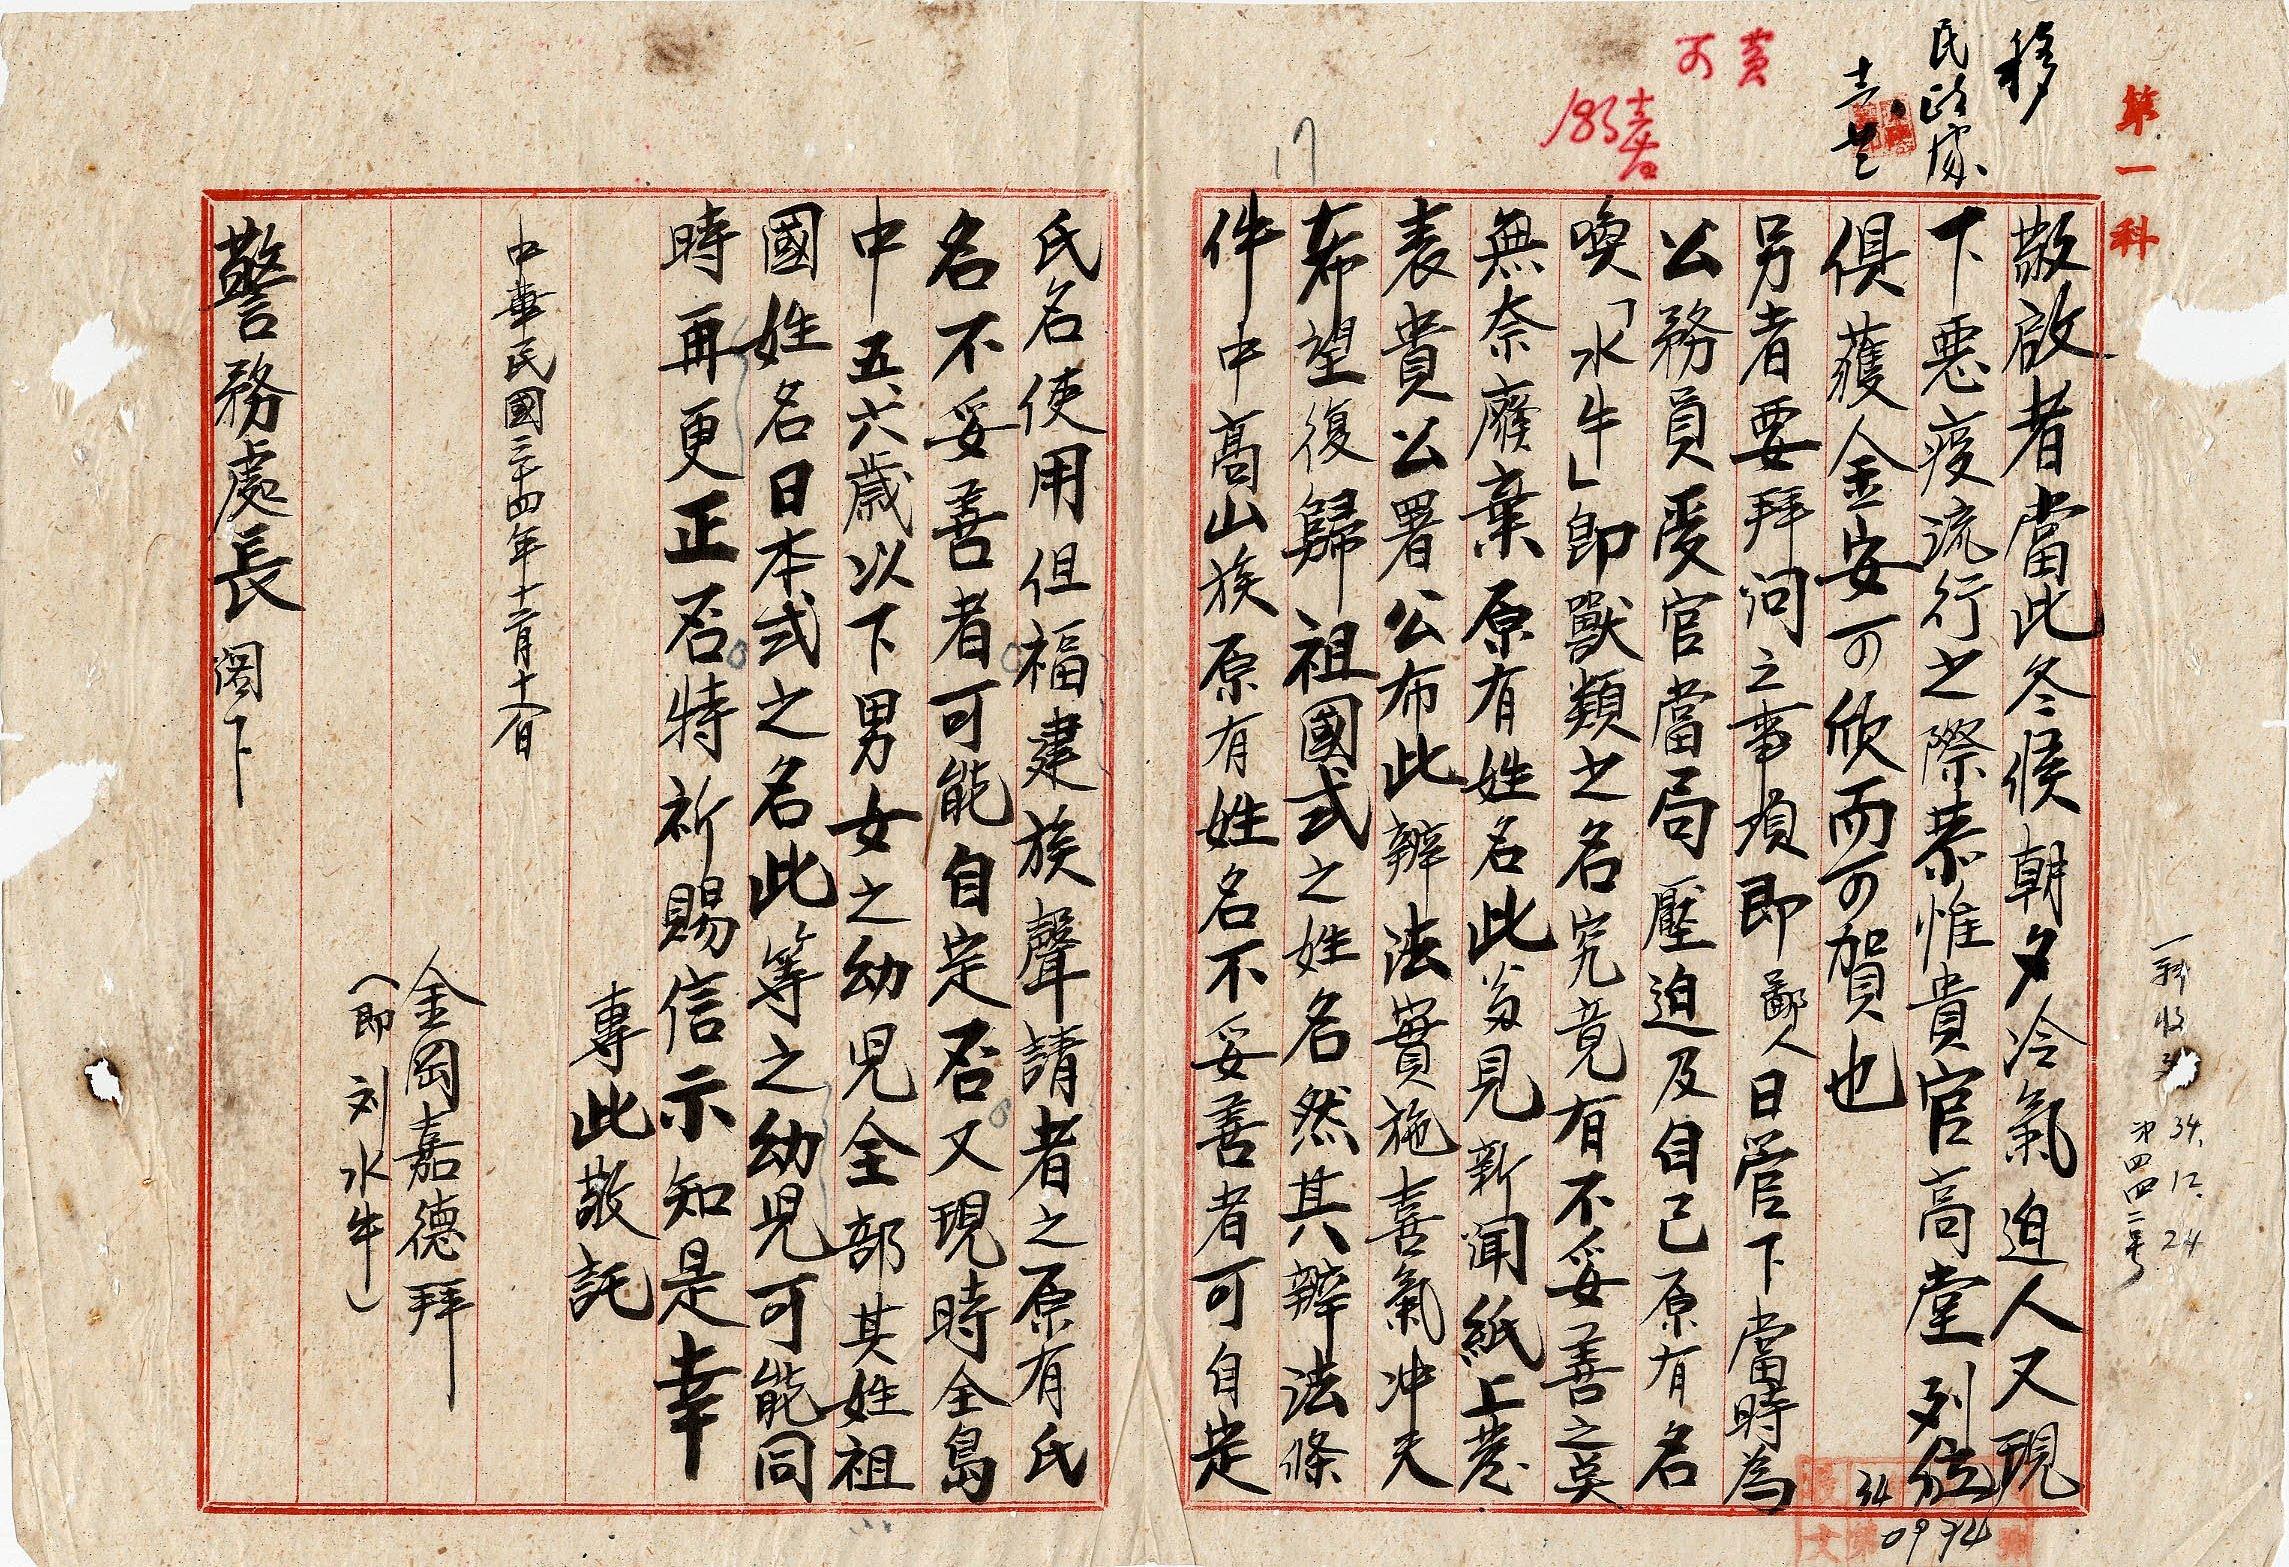 圖五:福建籍人民申請自定姓名(臺灣省行政長官公署檔案00306520001004)